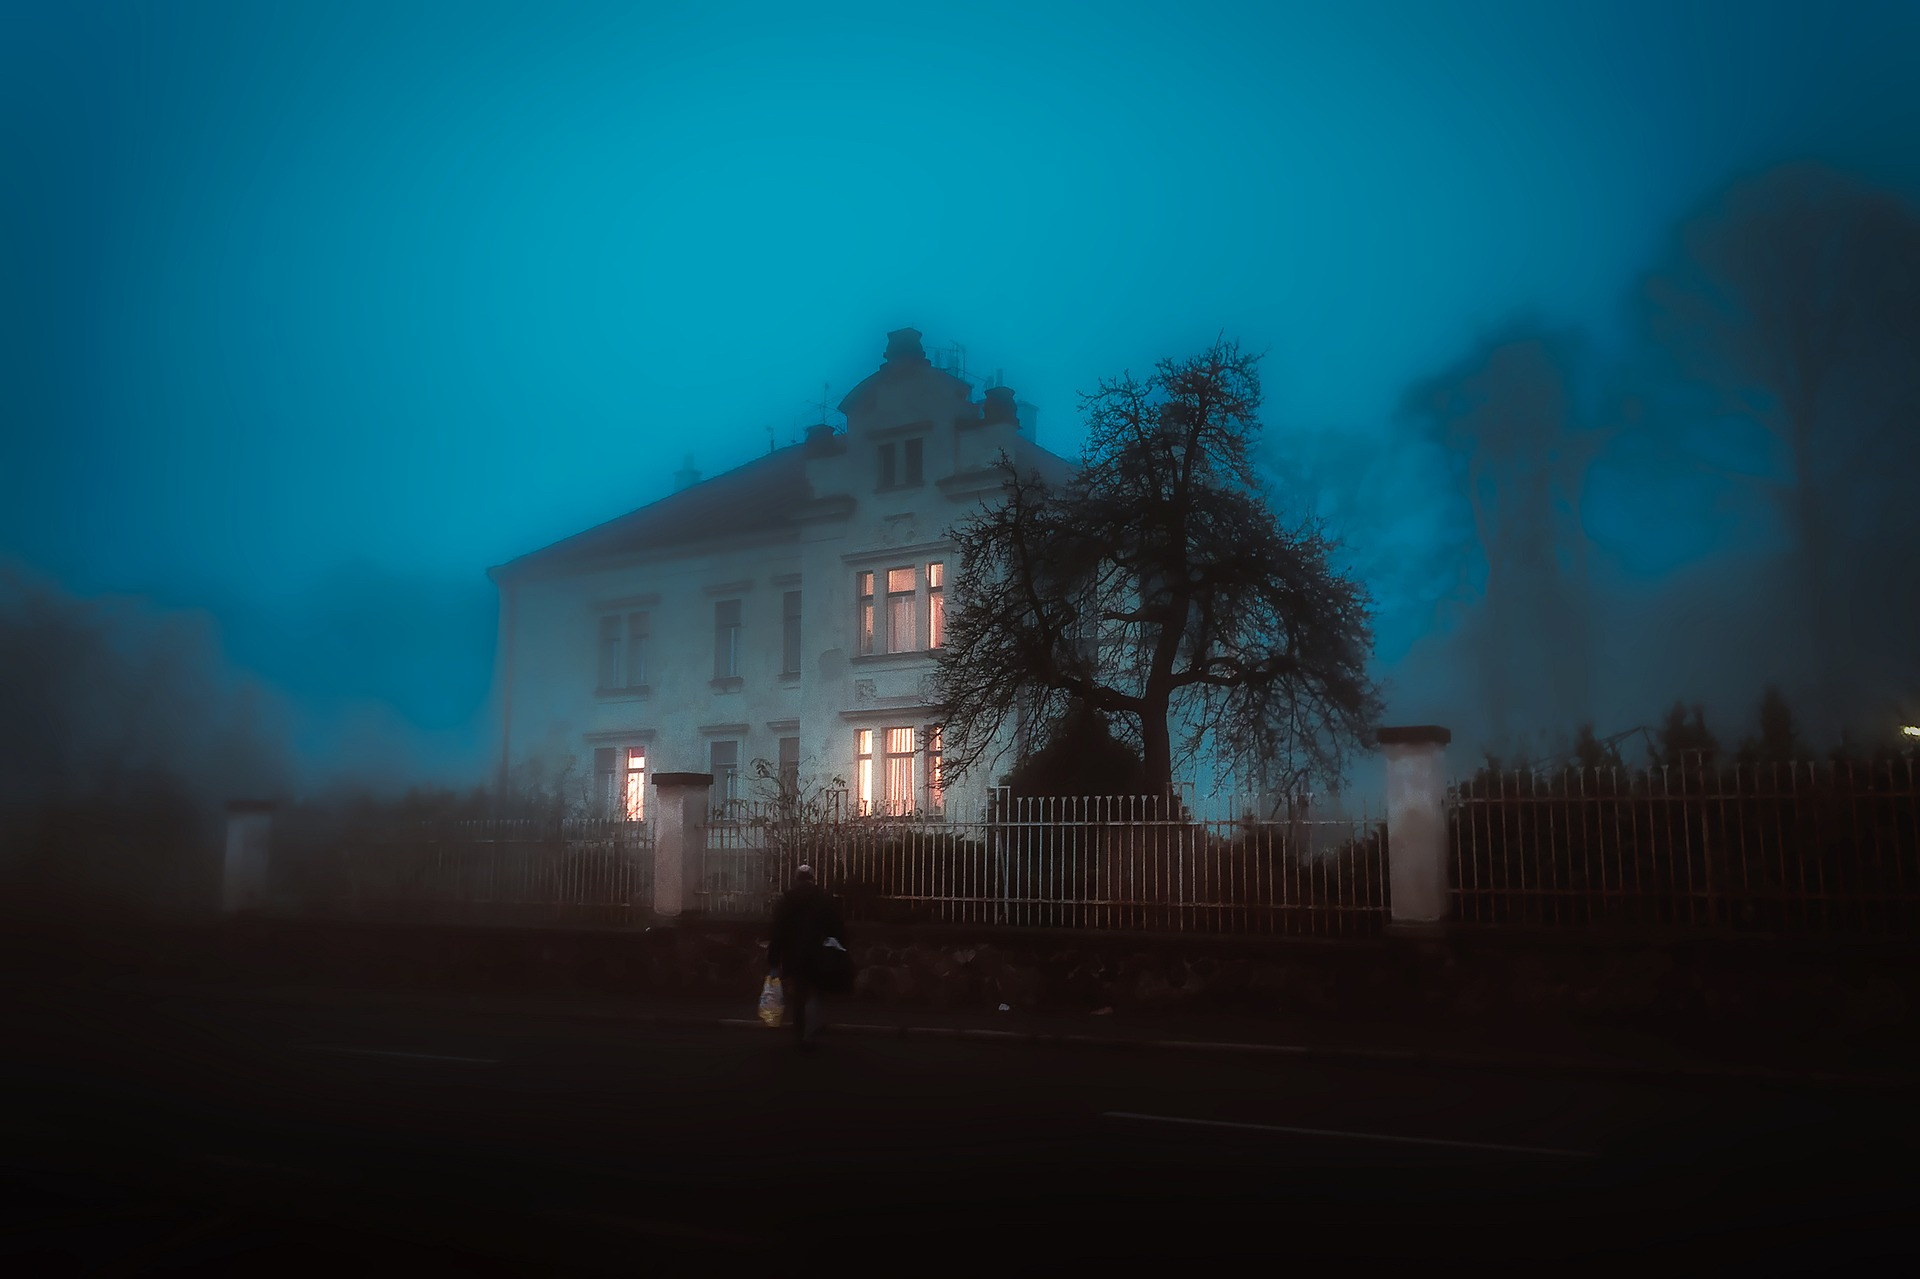 house-1901147_1920.jpg